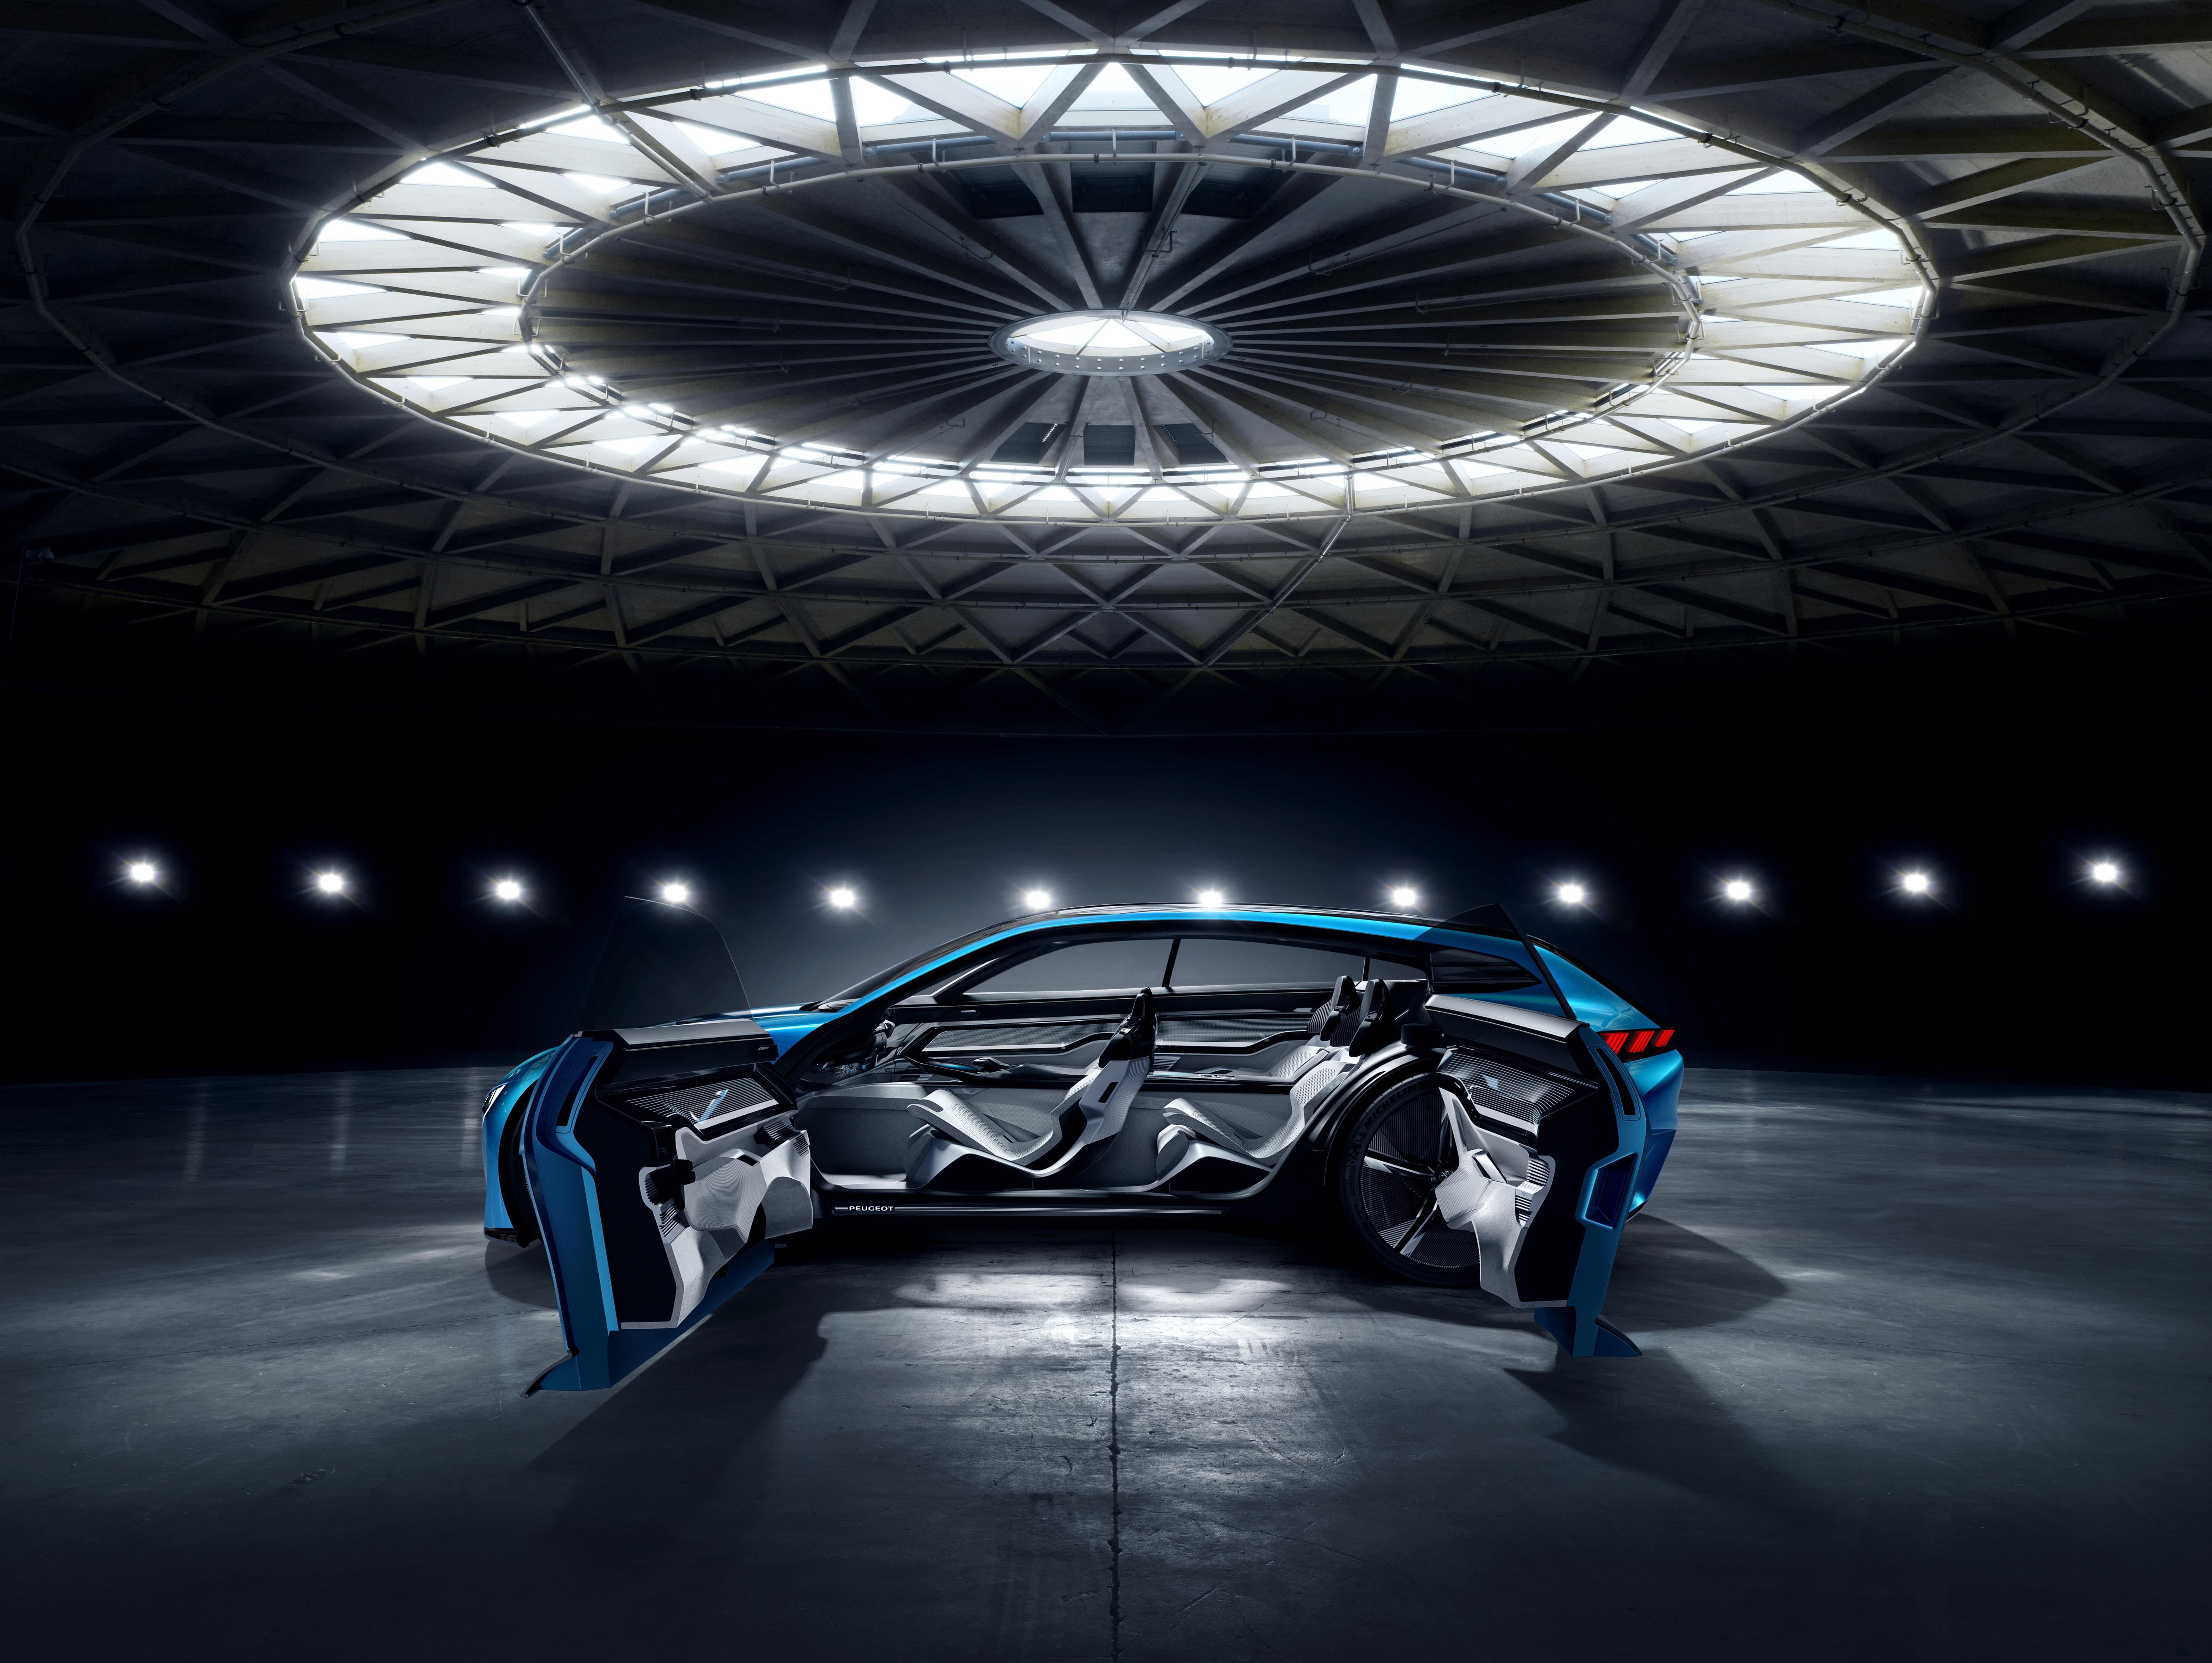 המכונית האוטונומית של מובילאיי במבחן